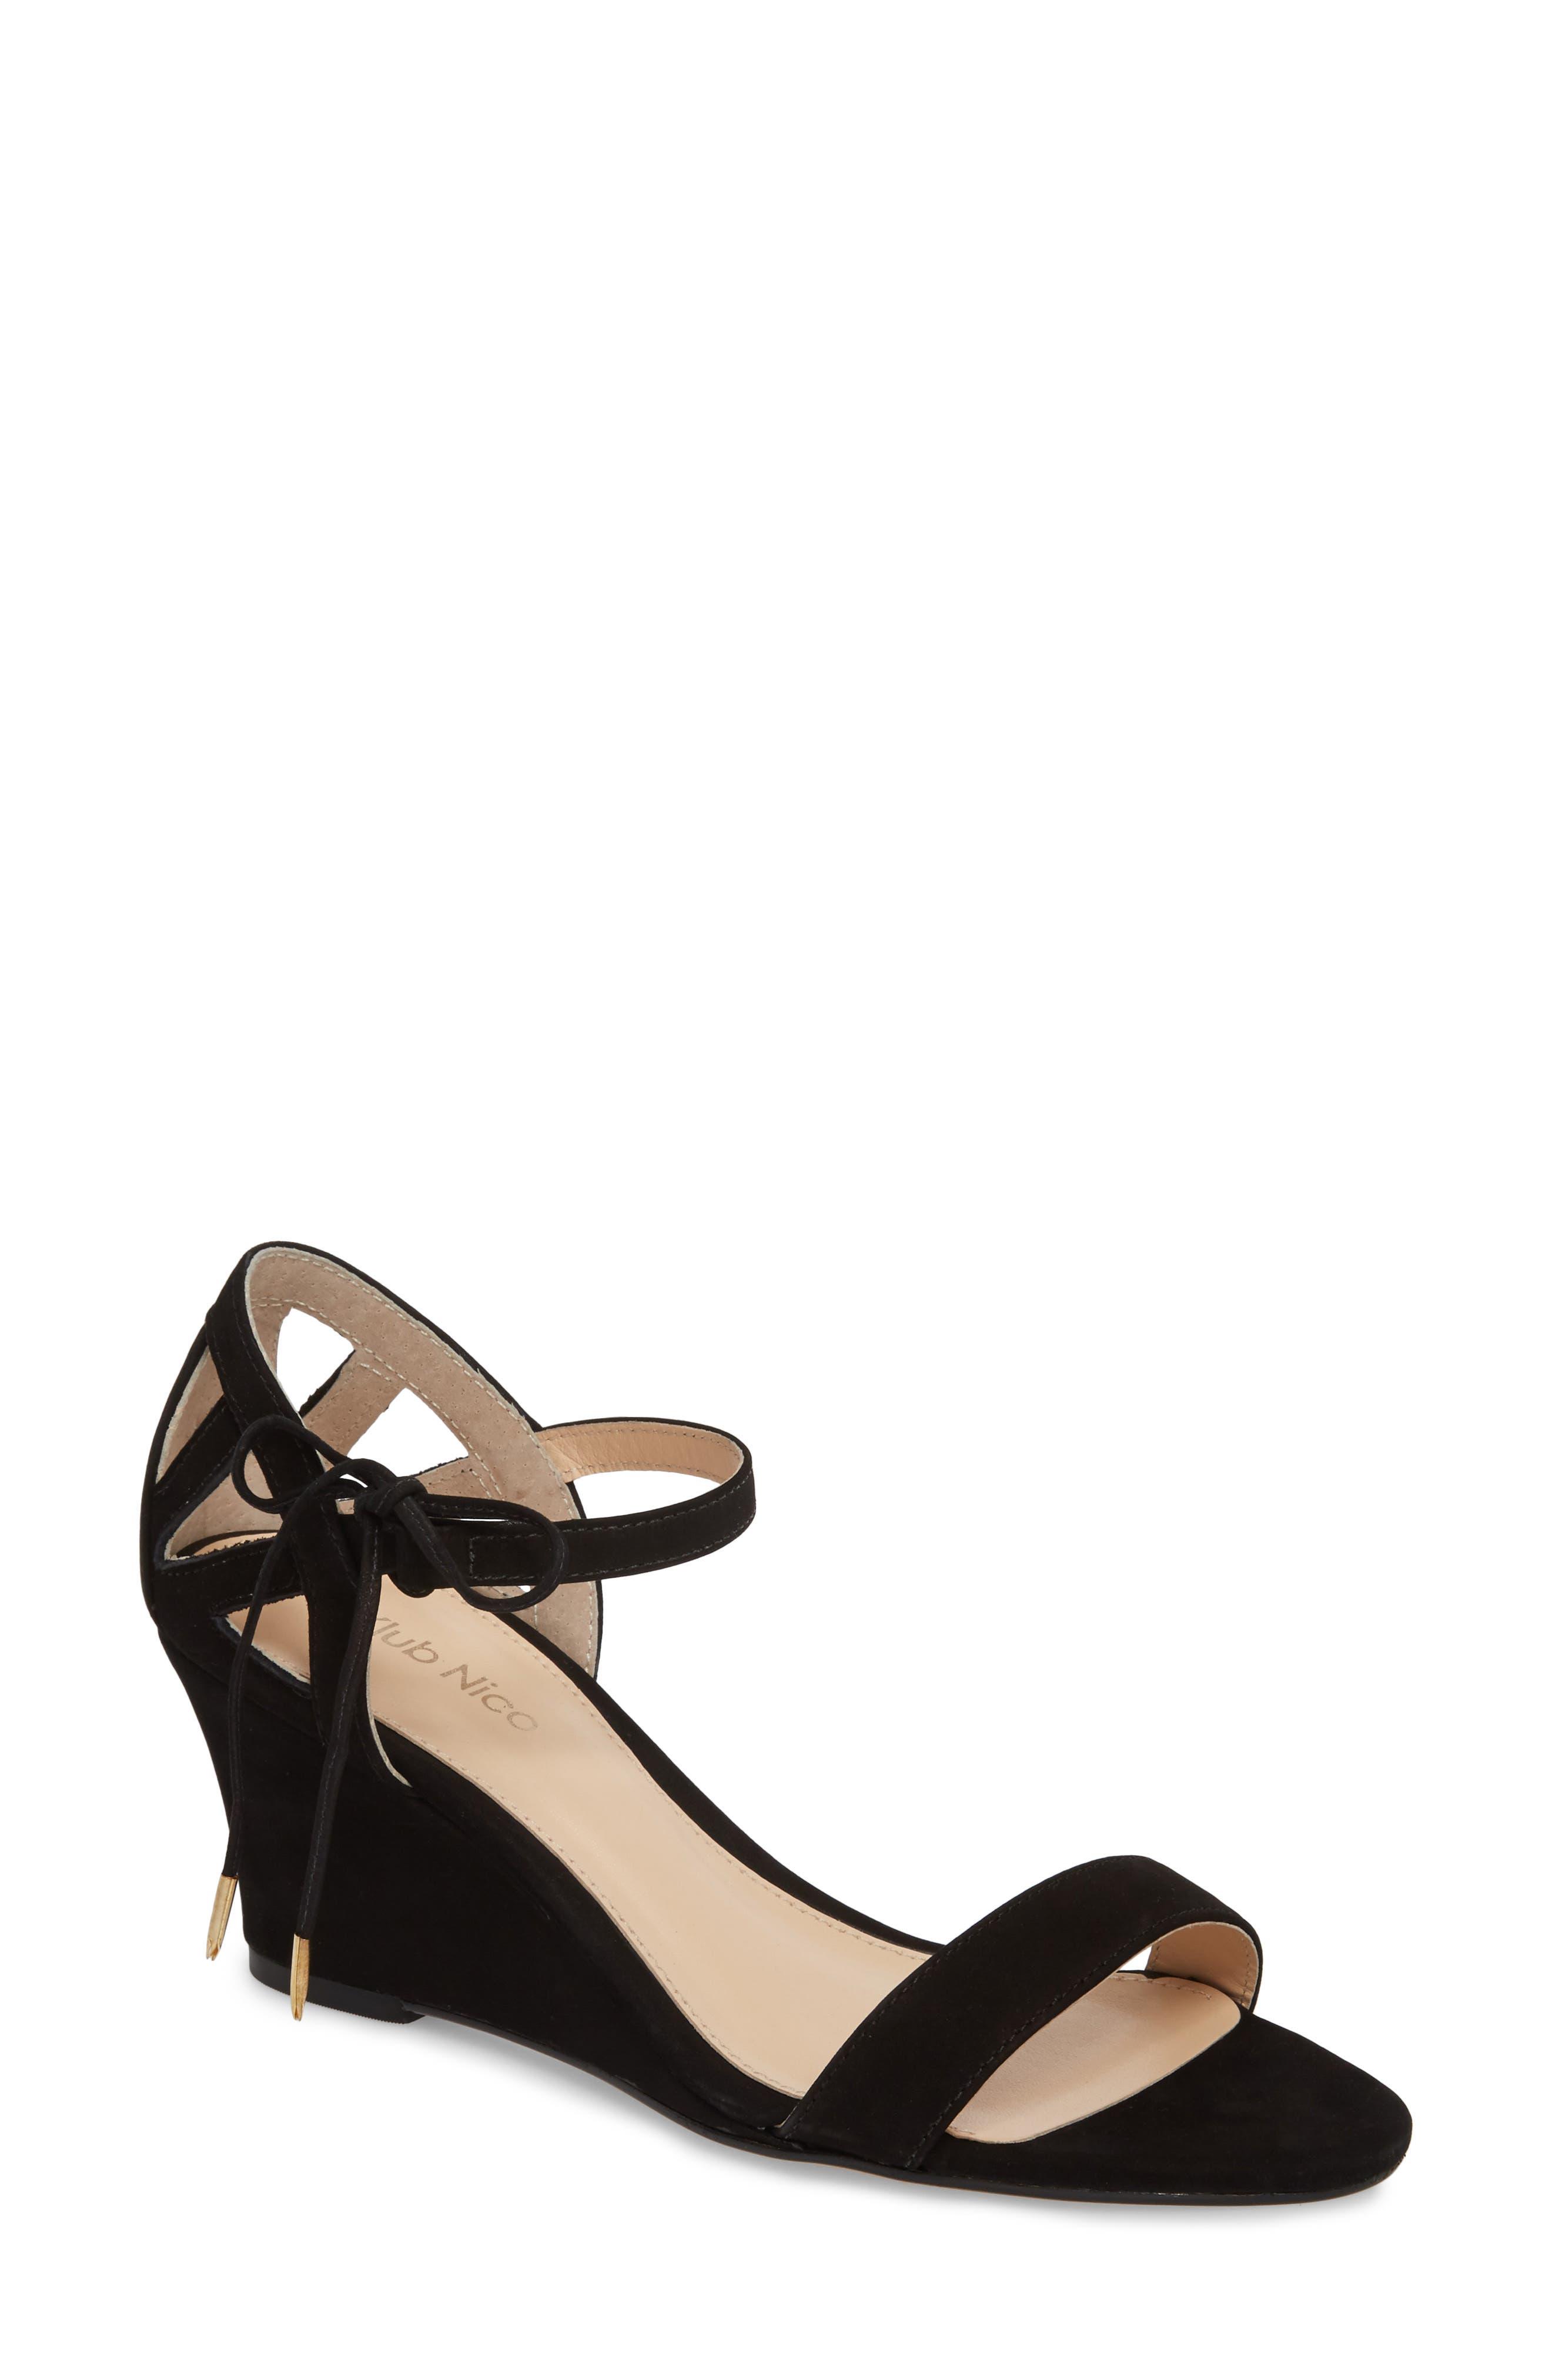 Kaeli Wedge Sandal,                             Main thumbnail 1, color,                             Black Leather